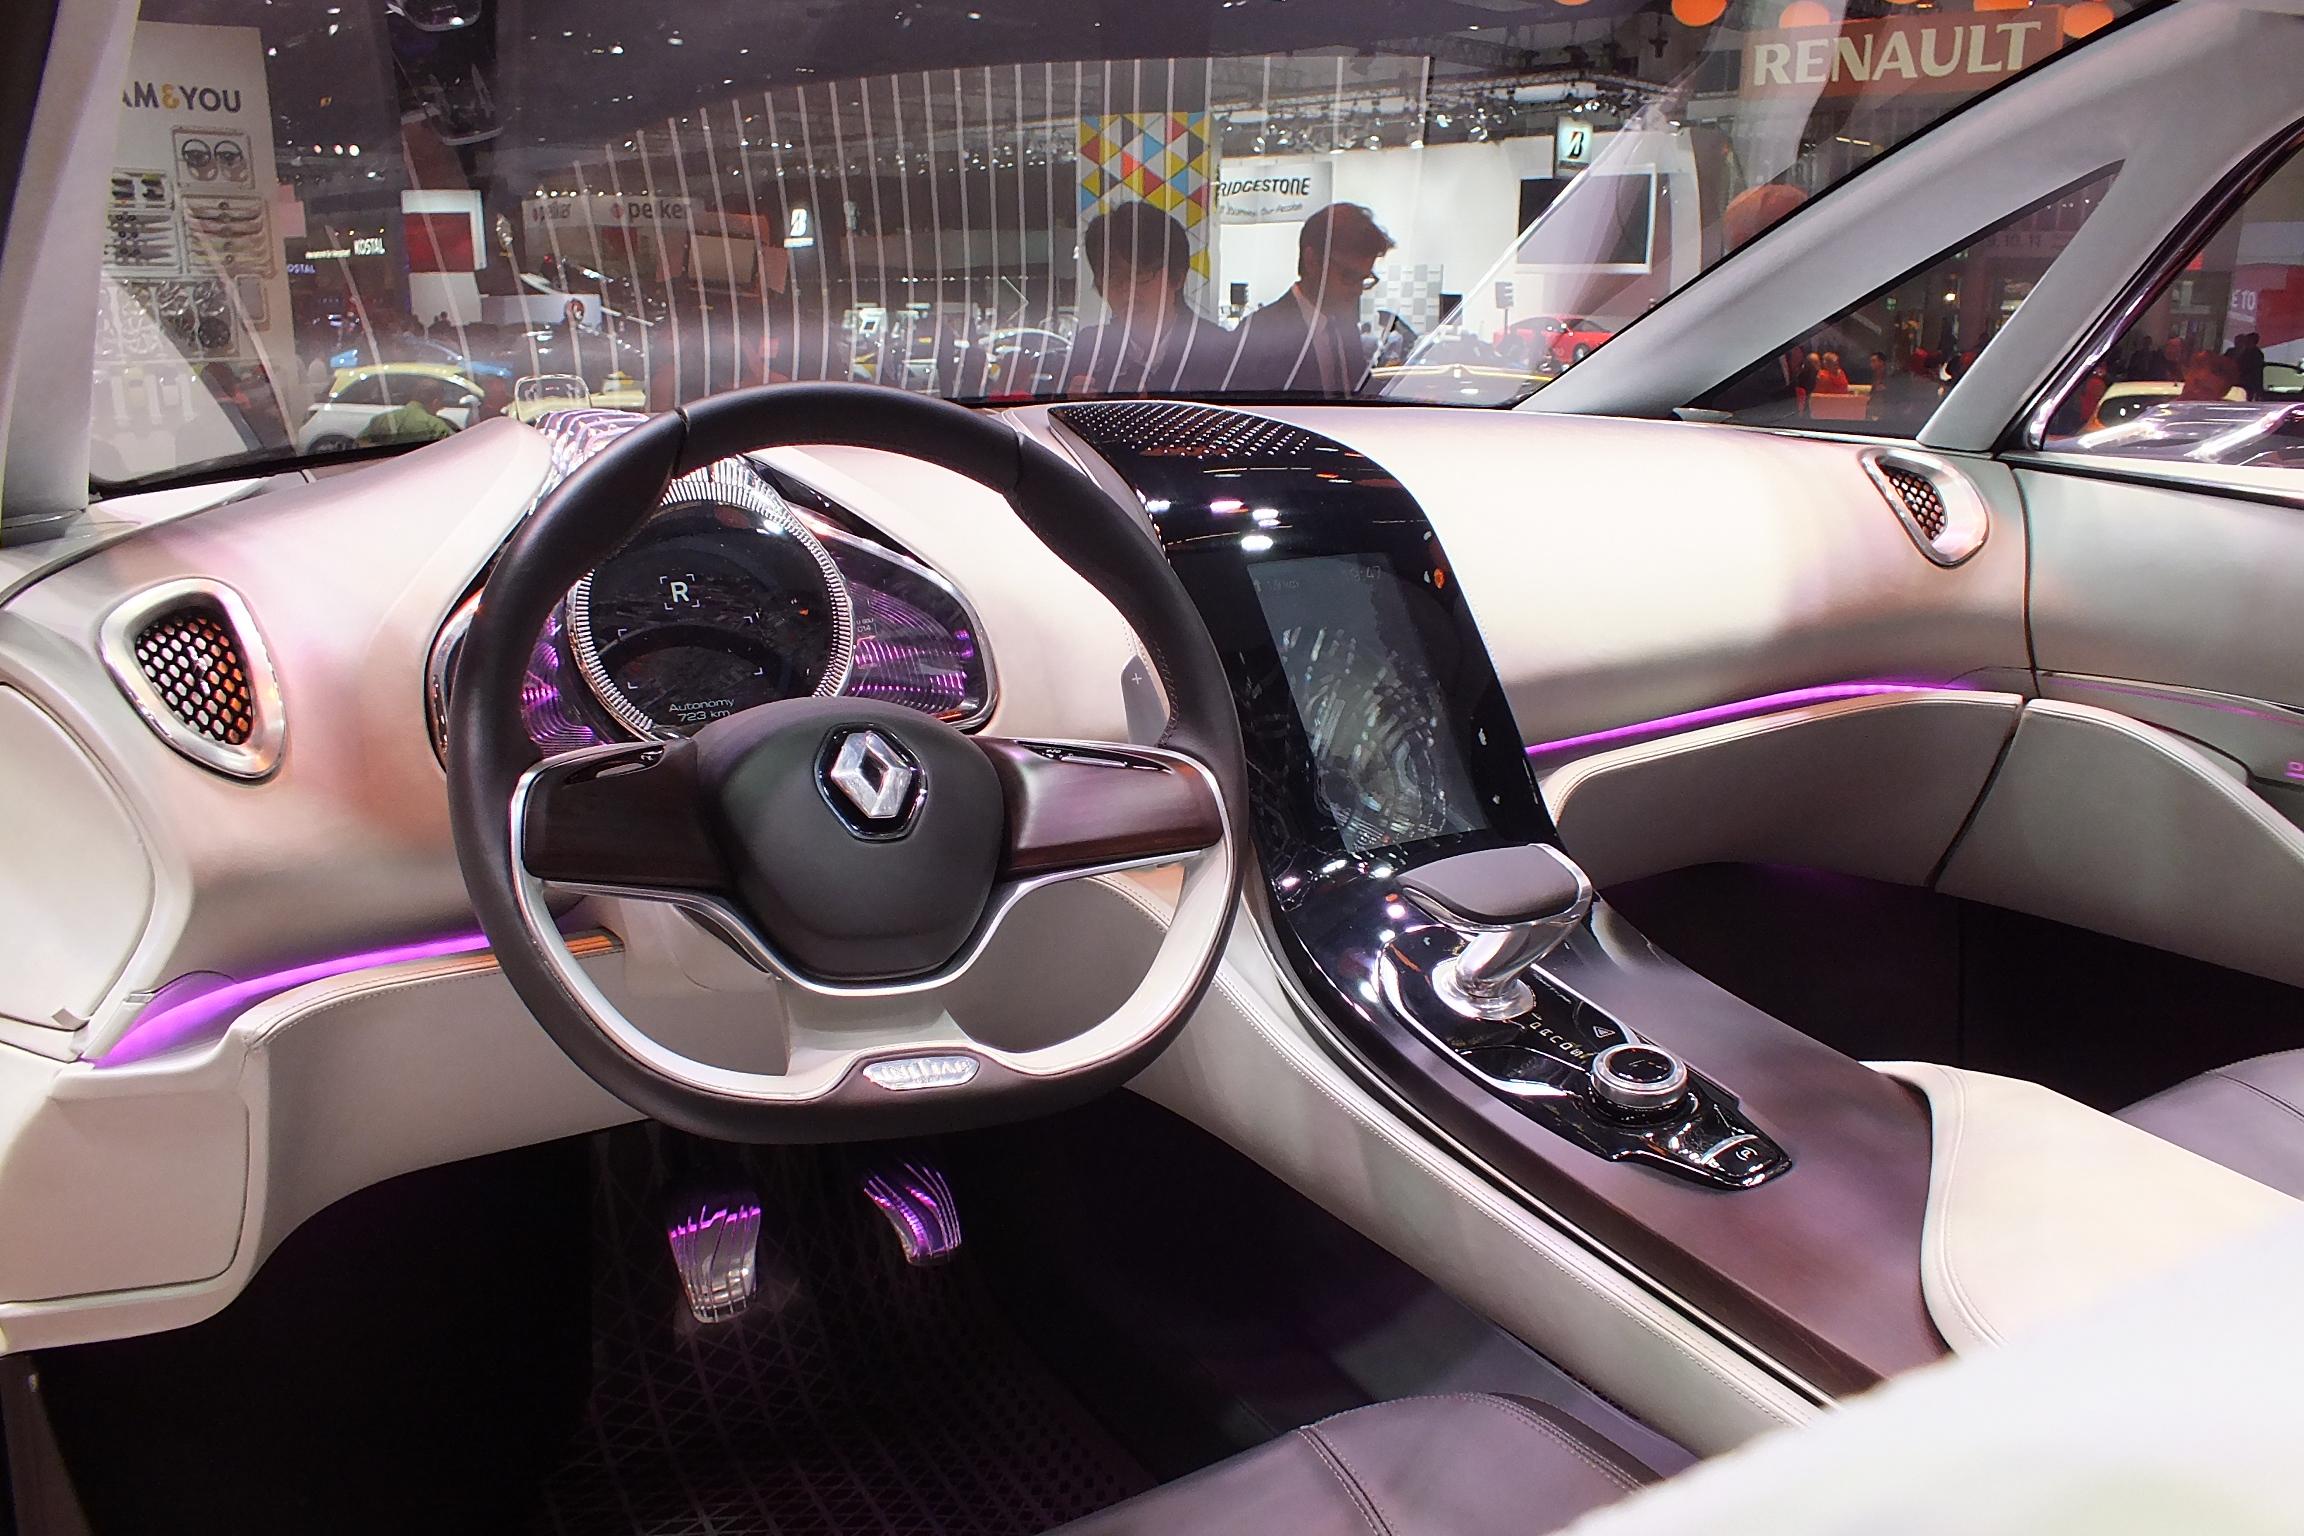 http://images.caradisiac.com/images/9/1/0/0/89100/S0-En-direct-du-salon-de-Francfort-2013-Renault-Concept-Initiale-Paris-le-6e-petale-fait-Bling-302680.jpg